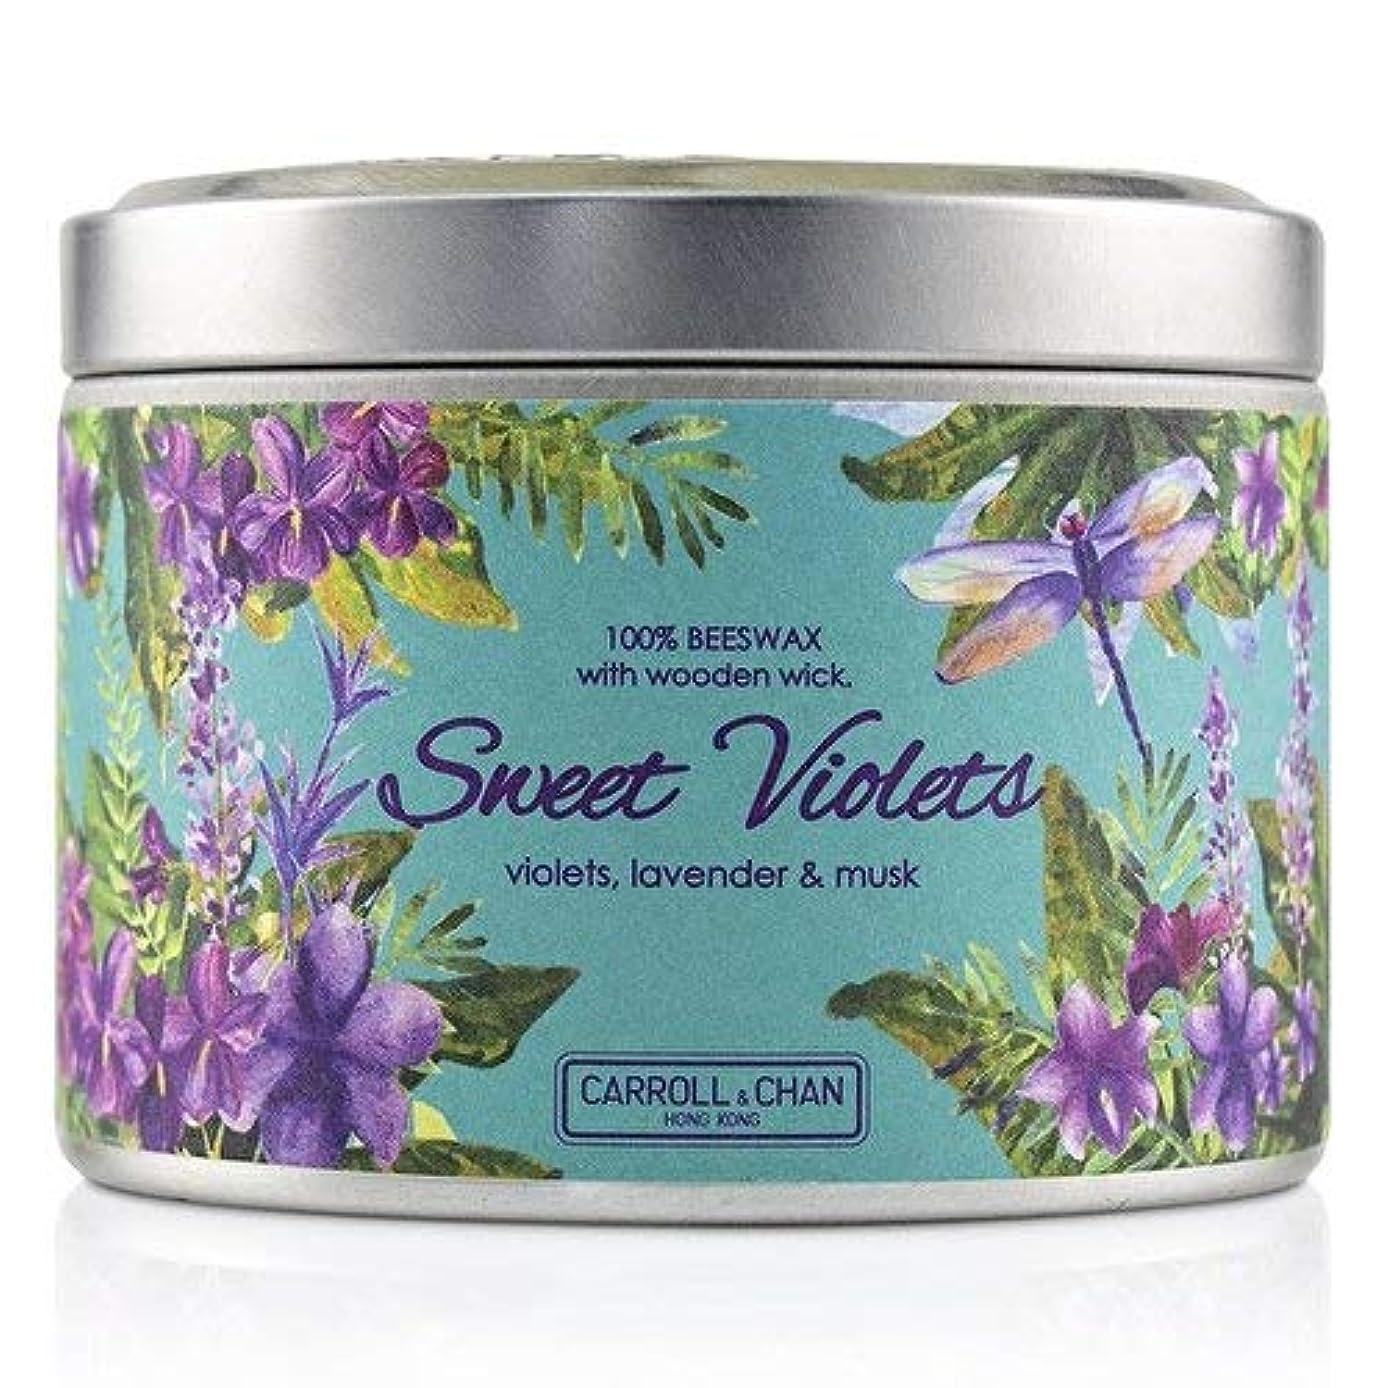 島モニカ最近キャンドル?カンパニー Tin Can 100% Beeswax Candle with Wooden Wick - Sweet Violets (8x5) cm並行輸入品